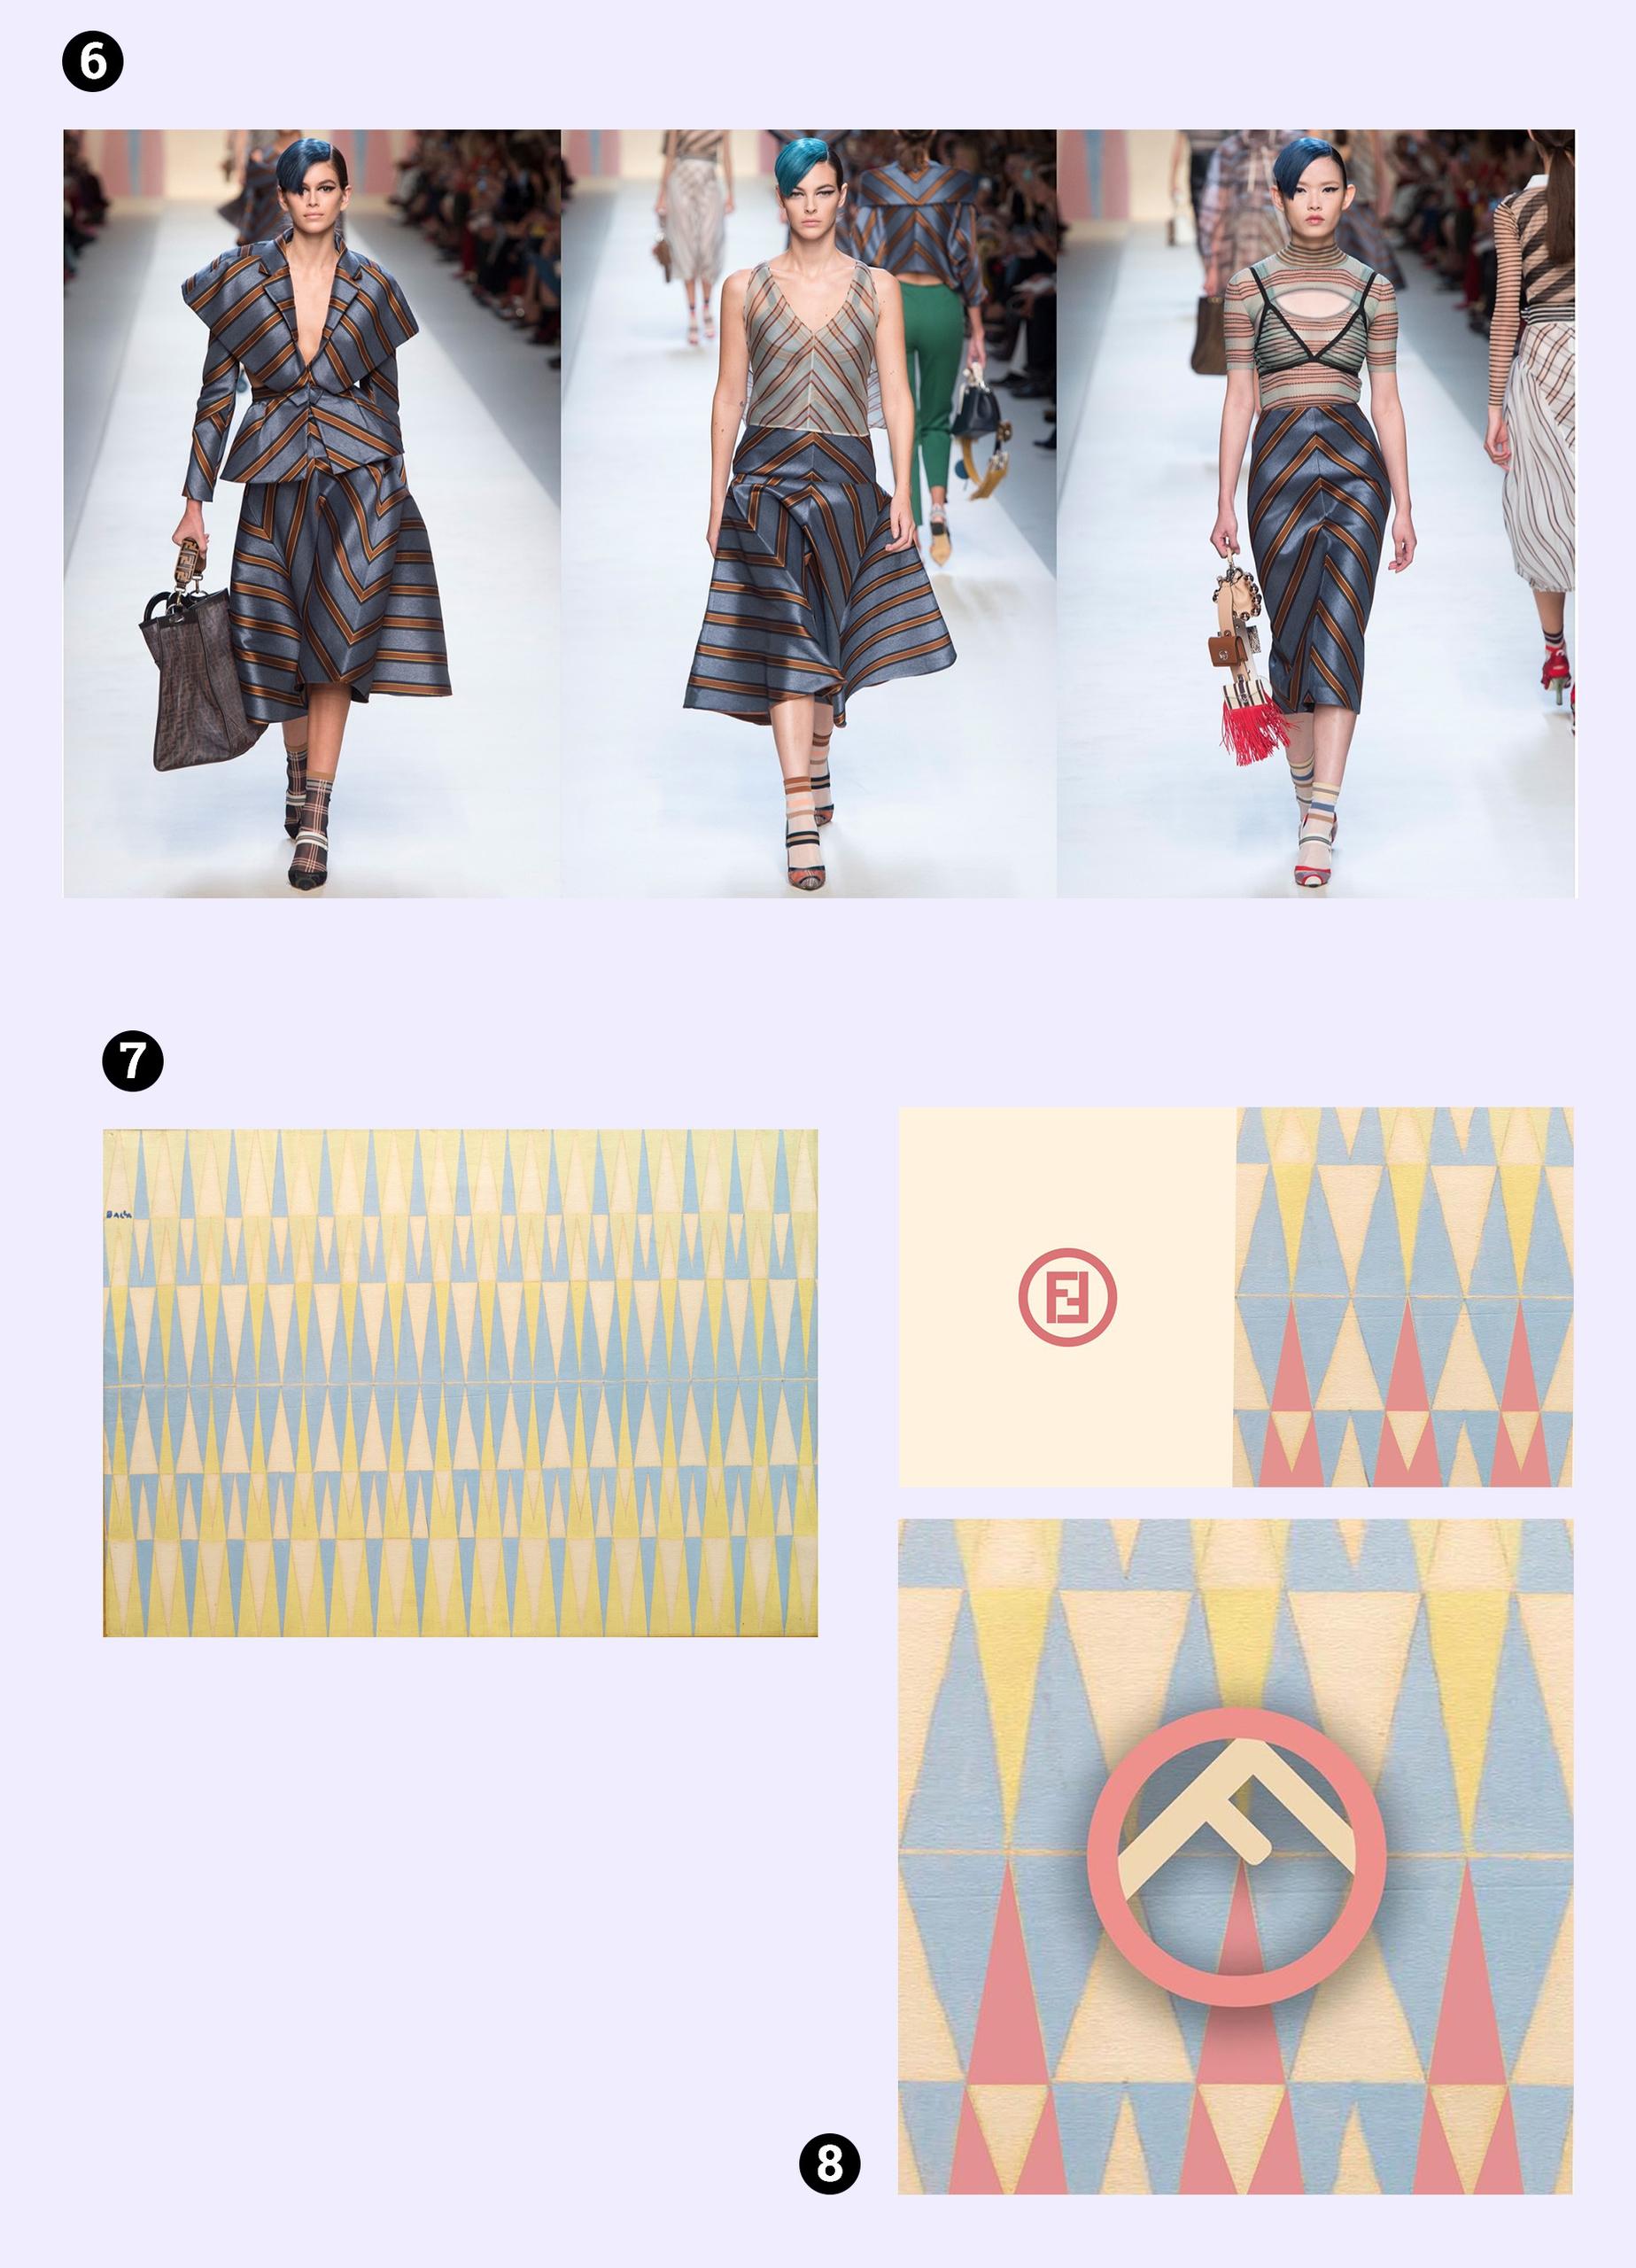 Obraz przedstawia modelki na wybiegu i geometryczne prace artysty w stonowanej kolorystyce. Całość na jasno-fioletowym tle.